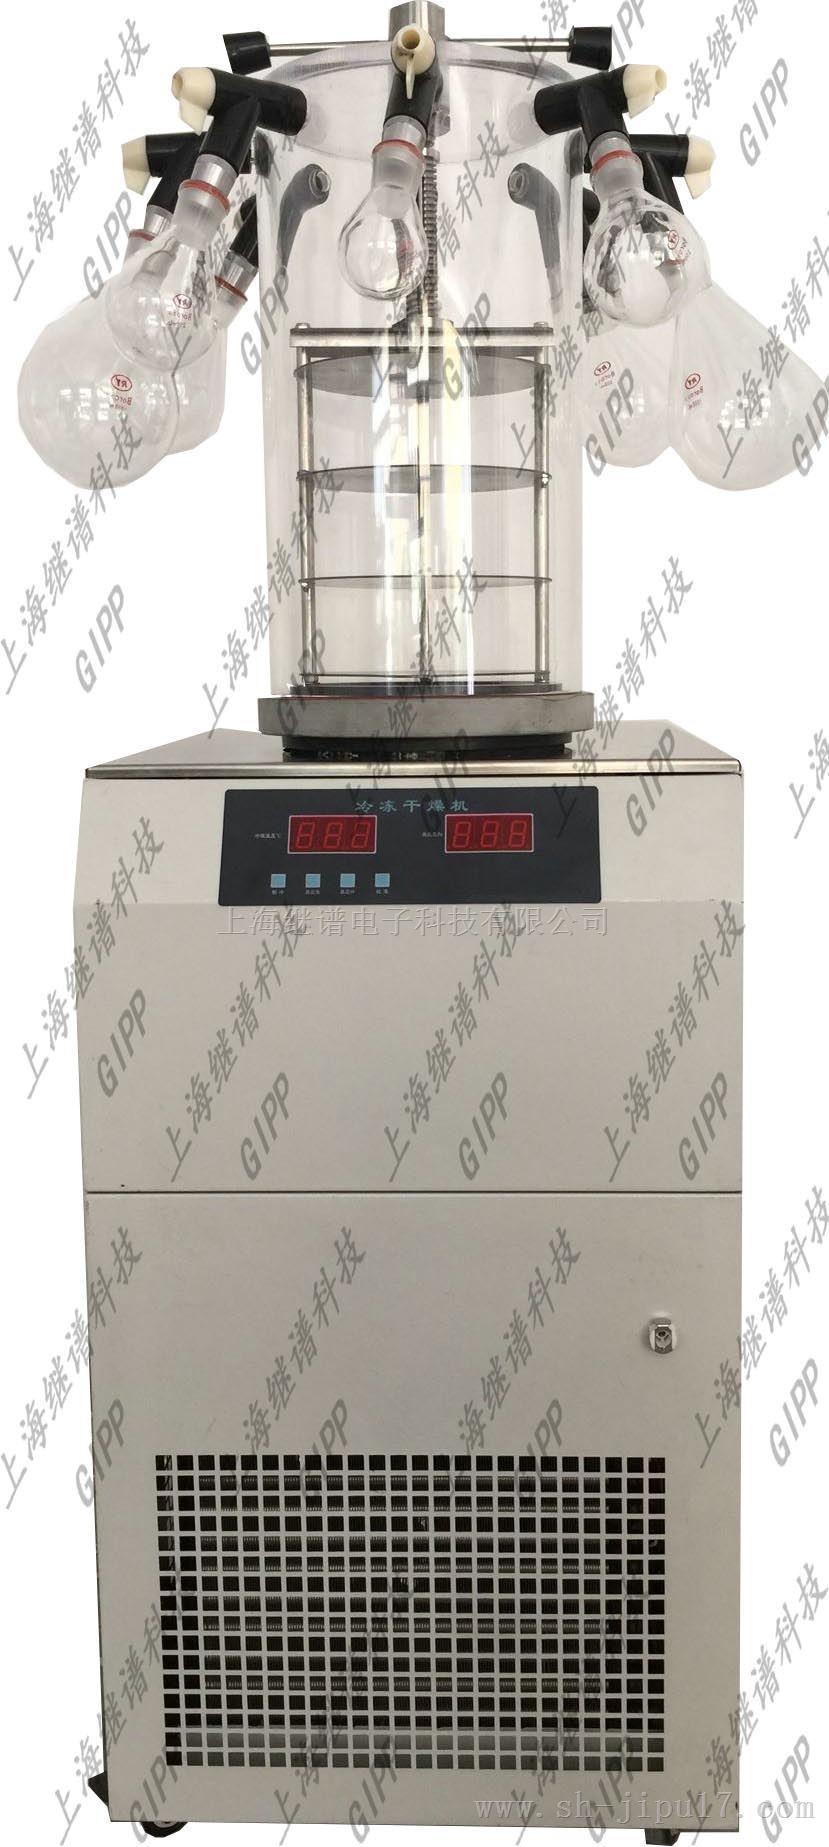 真空冷冻干燥机 (FD-1D-80压盖挂瓶型,冷凝温度-80℃)